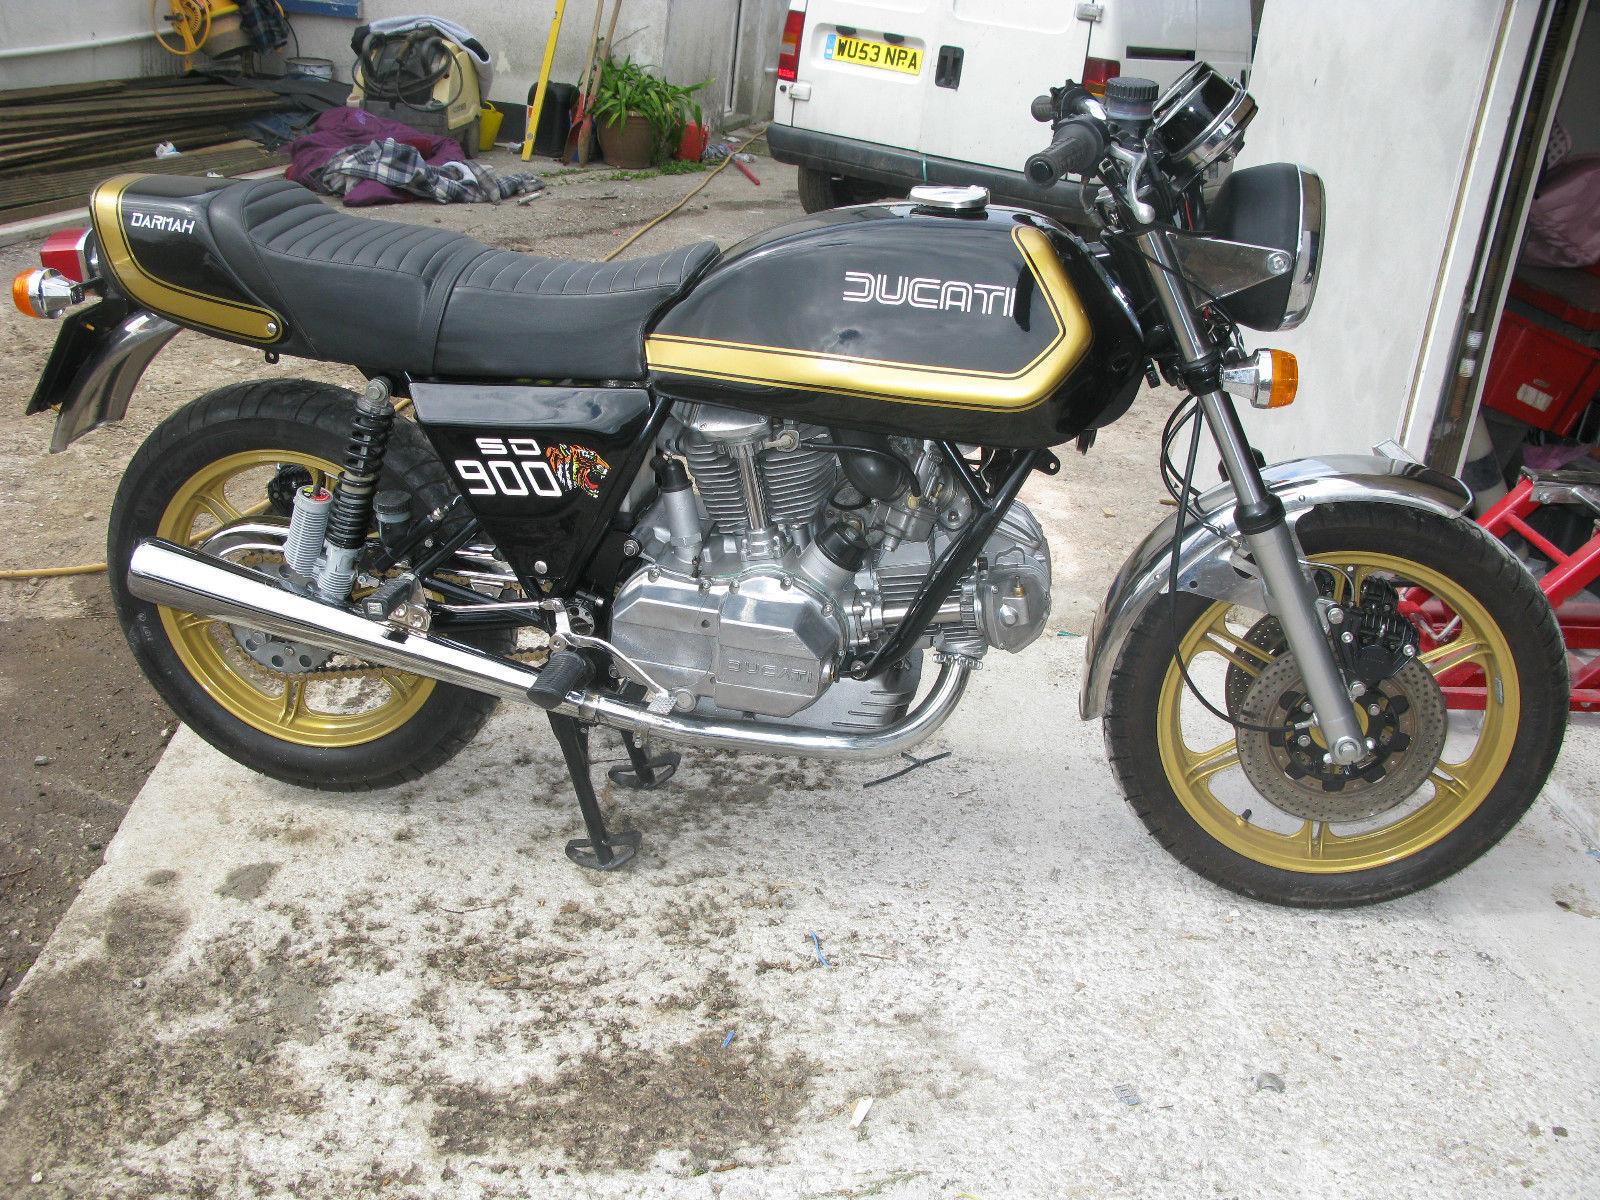 Ducati Darmah SD900 - 1980